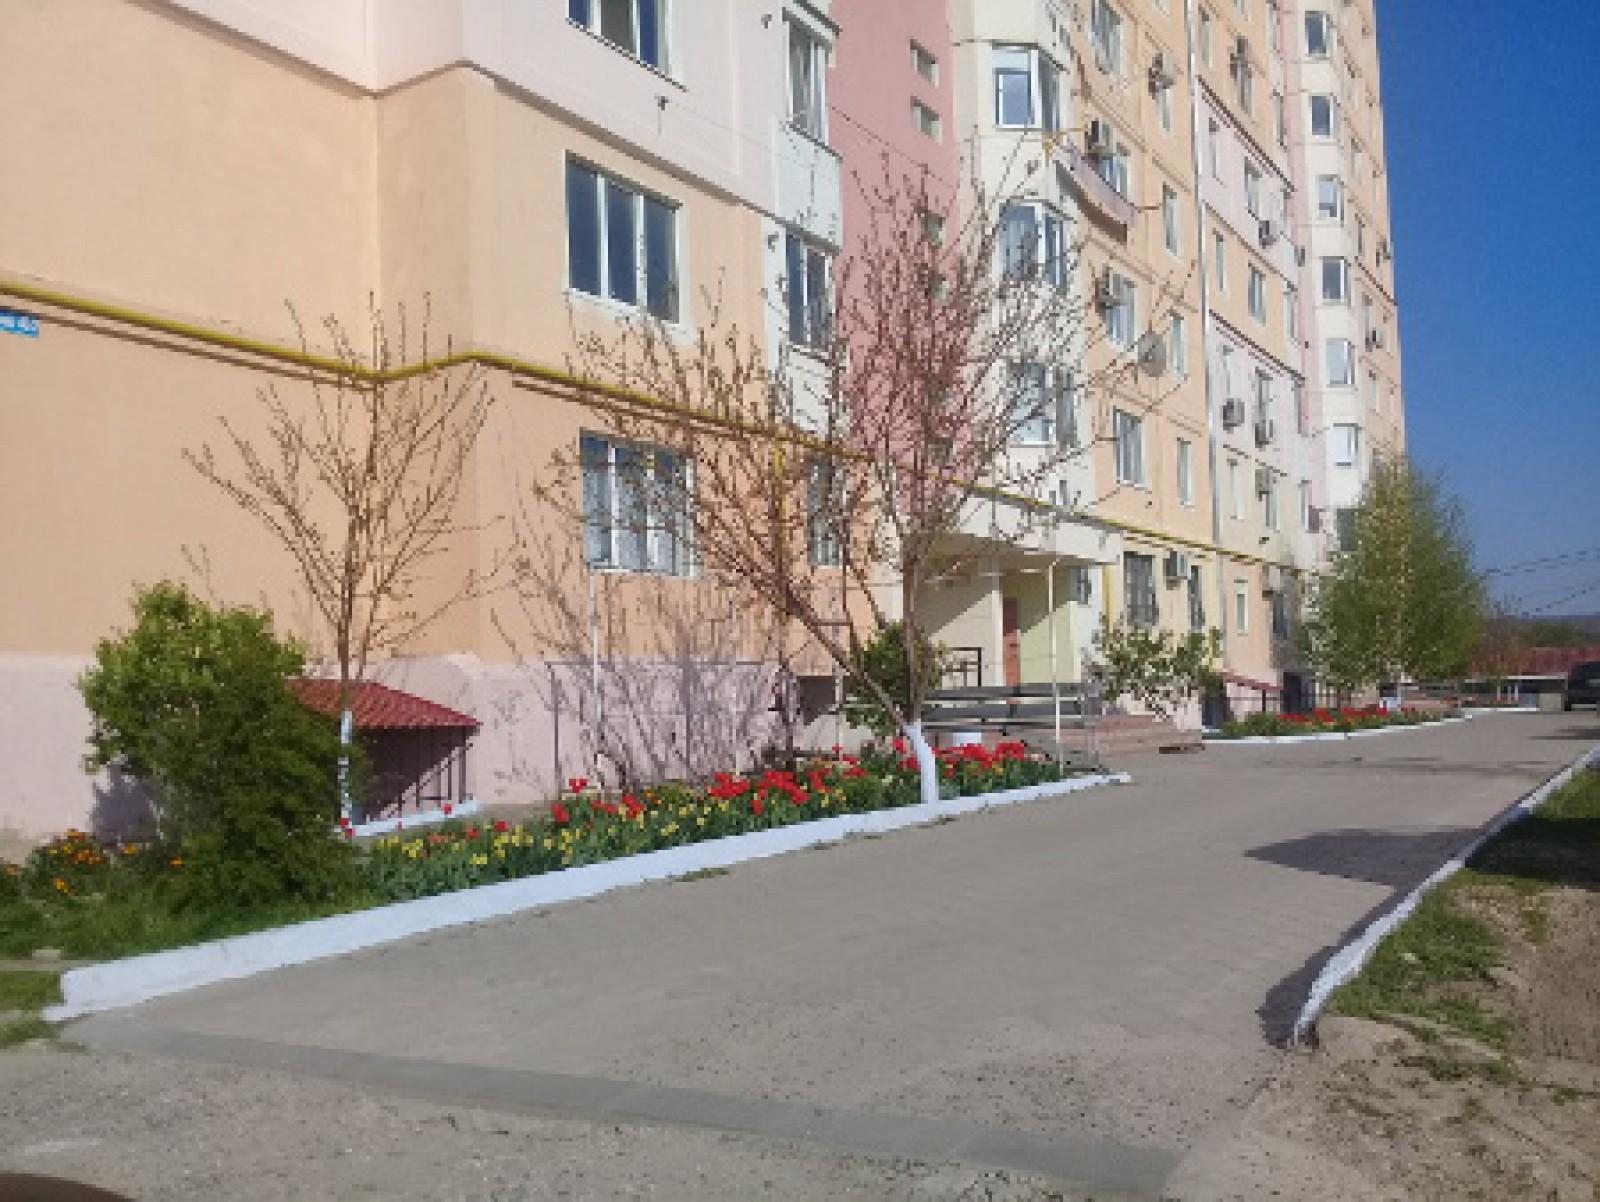 """(foto) Primăria municipiului Ceadîr-Lunga a numit câștigătorii pentru concursul """"Cea mai frumoasă curte și stradă"""" din oraș. Pentru locul III s-au alocat 10 mii de lei"""